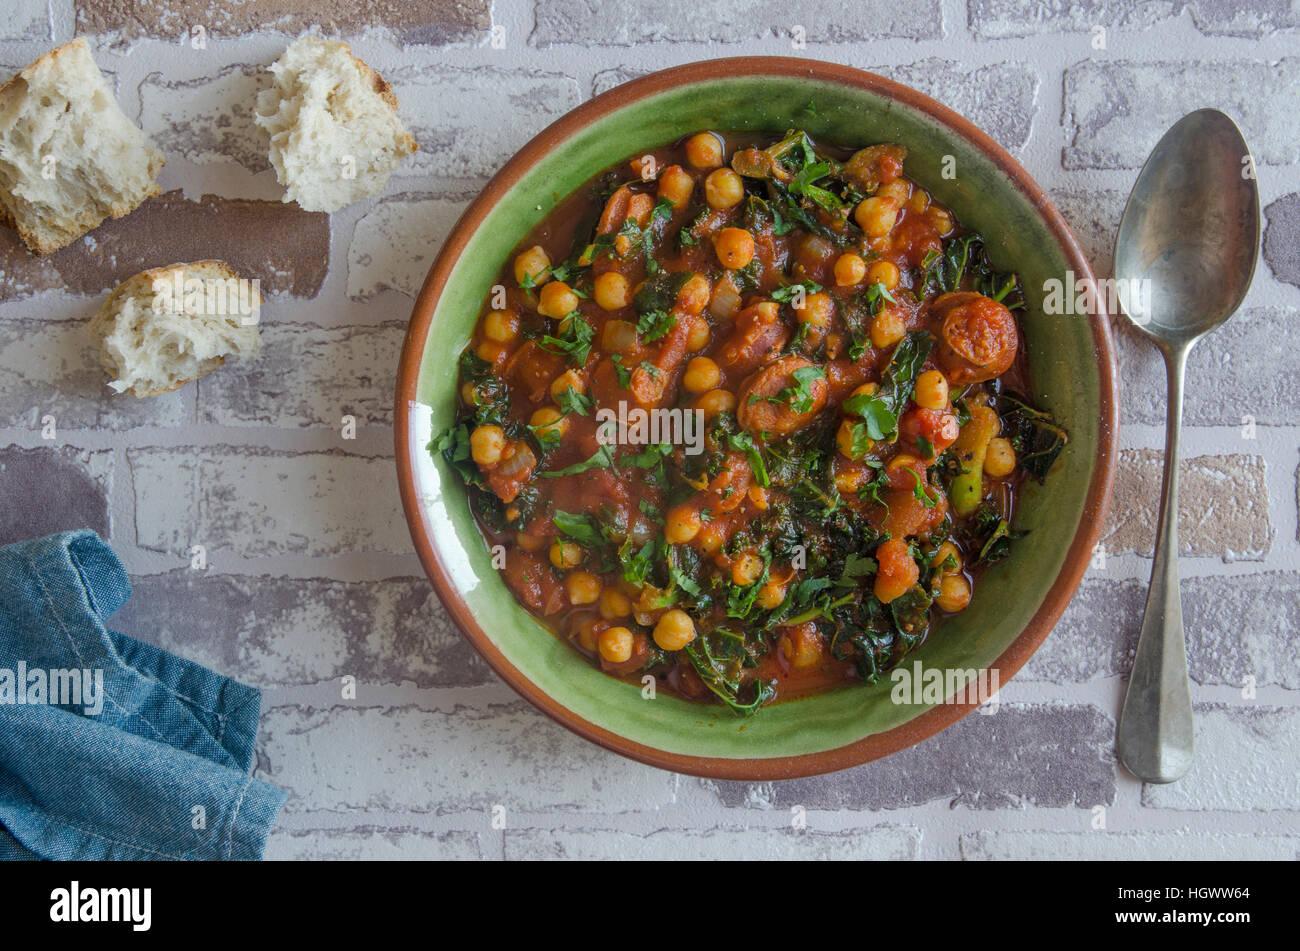 Le pois chiche, chorizo et kale ragoût avec pain rustique Photo Stock